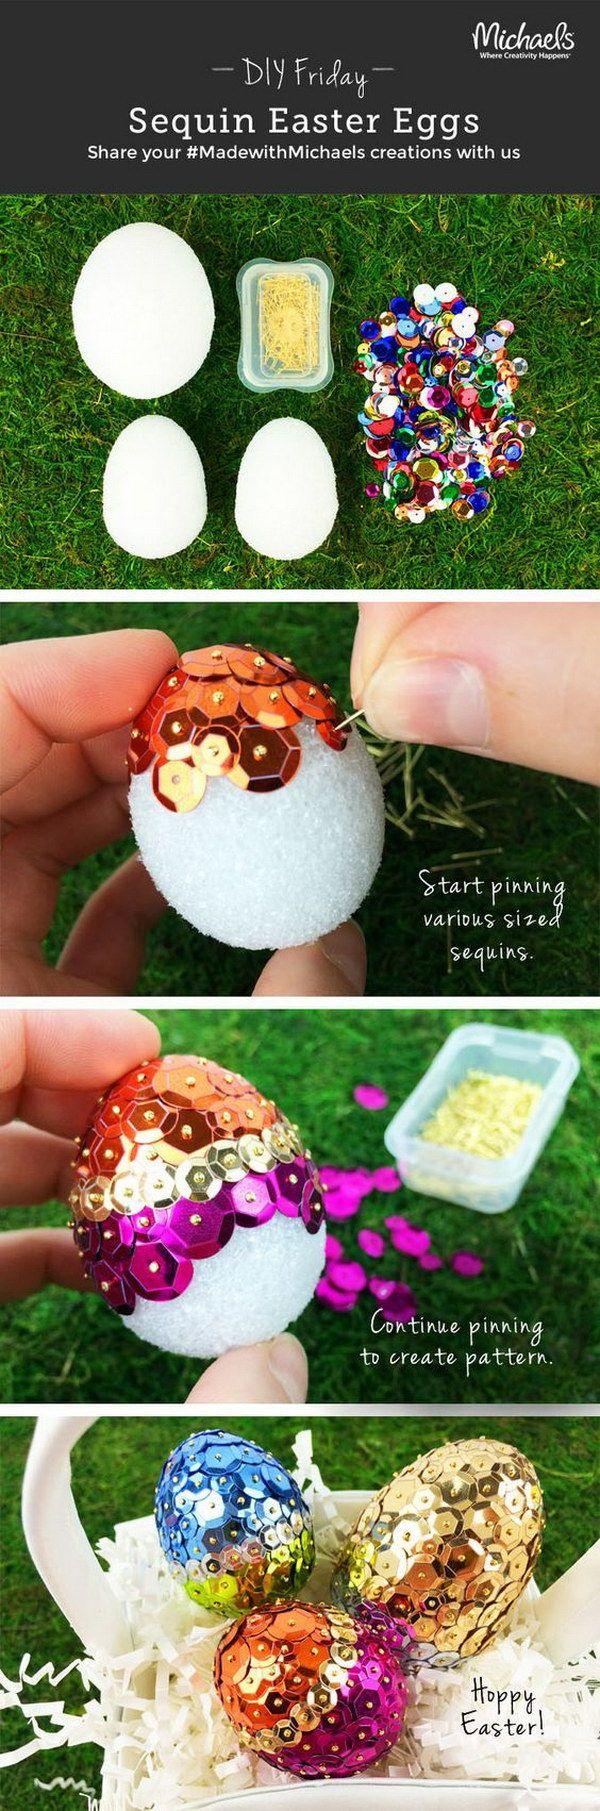 Sparkly Sequins Easter Eggs. * Páscoa / Easter -   - Blog Pitacos e Achados -  Acesse: https://pitacoseachados.com  – https://www.facebook.com/pitacoseachados – https://www.instagram.com/pitacoseachados -  https://www.tsu.co/blogpitacoseachados -  https://twitter.com/pitacoseachados -  https://plus.google.com/+PitacosAchados-dicas-e-pitacos - http://pitacoseachadosblog.tumblr.com - #pitacoseachados